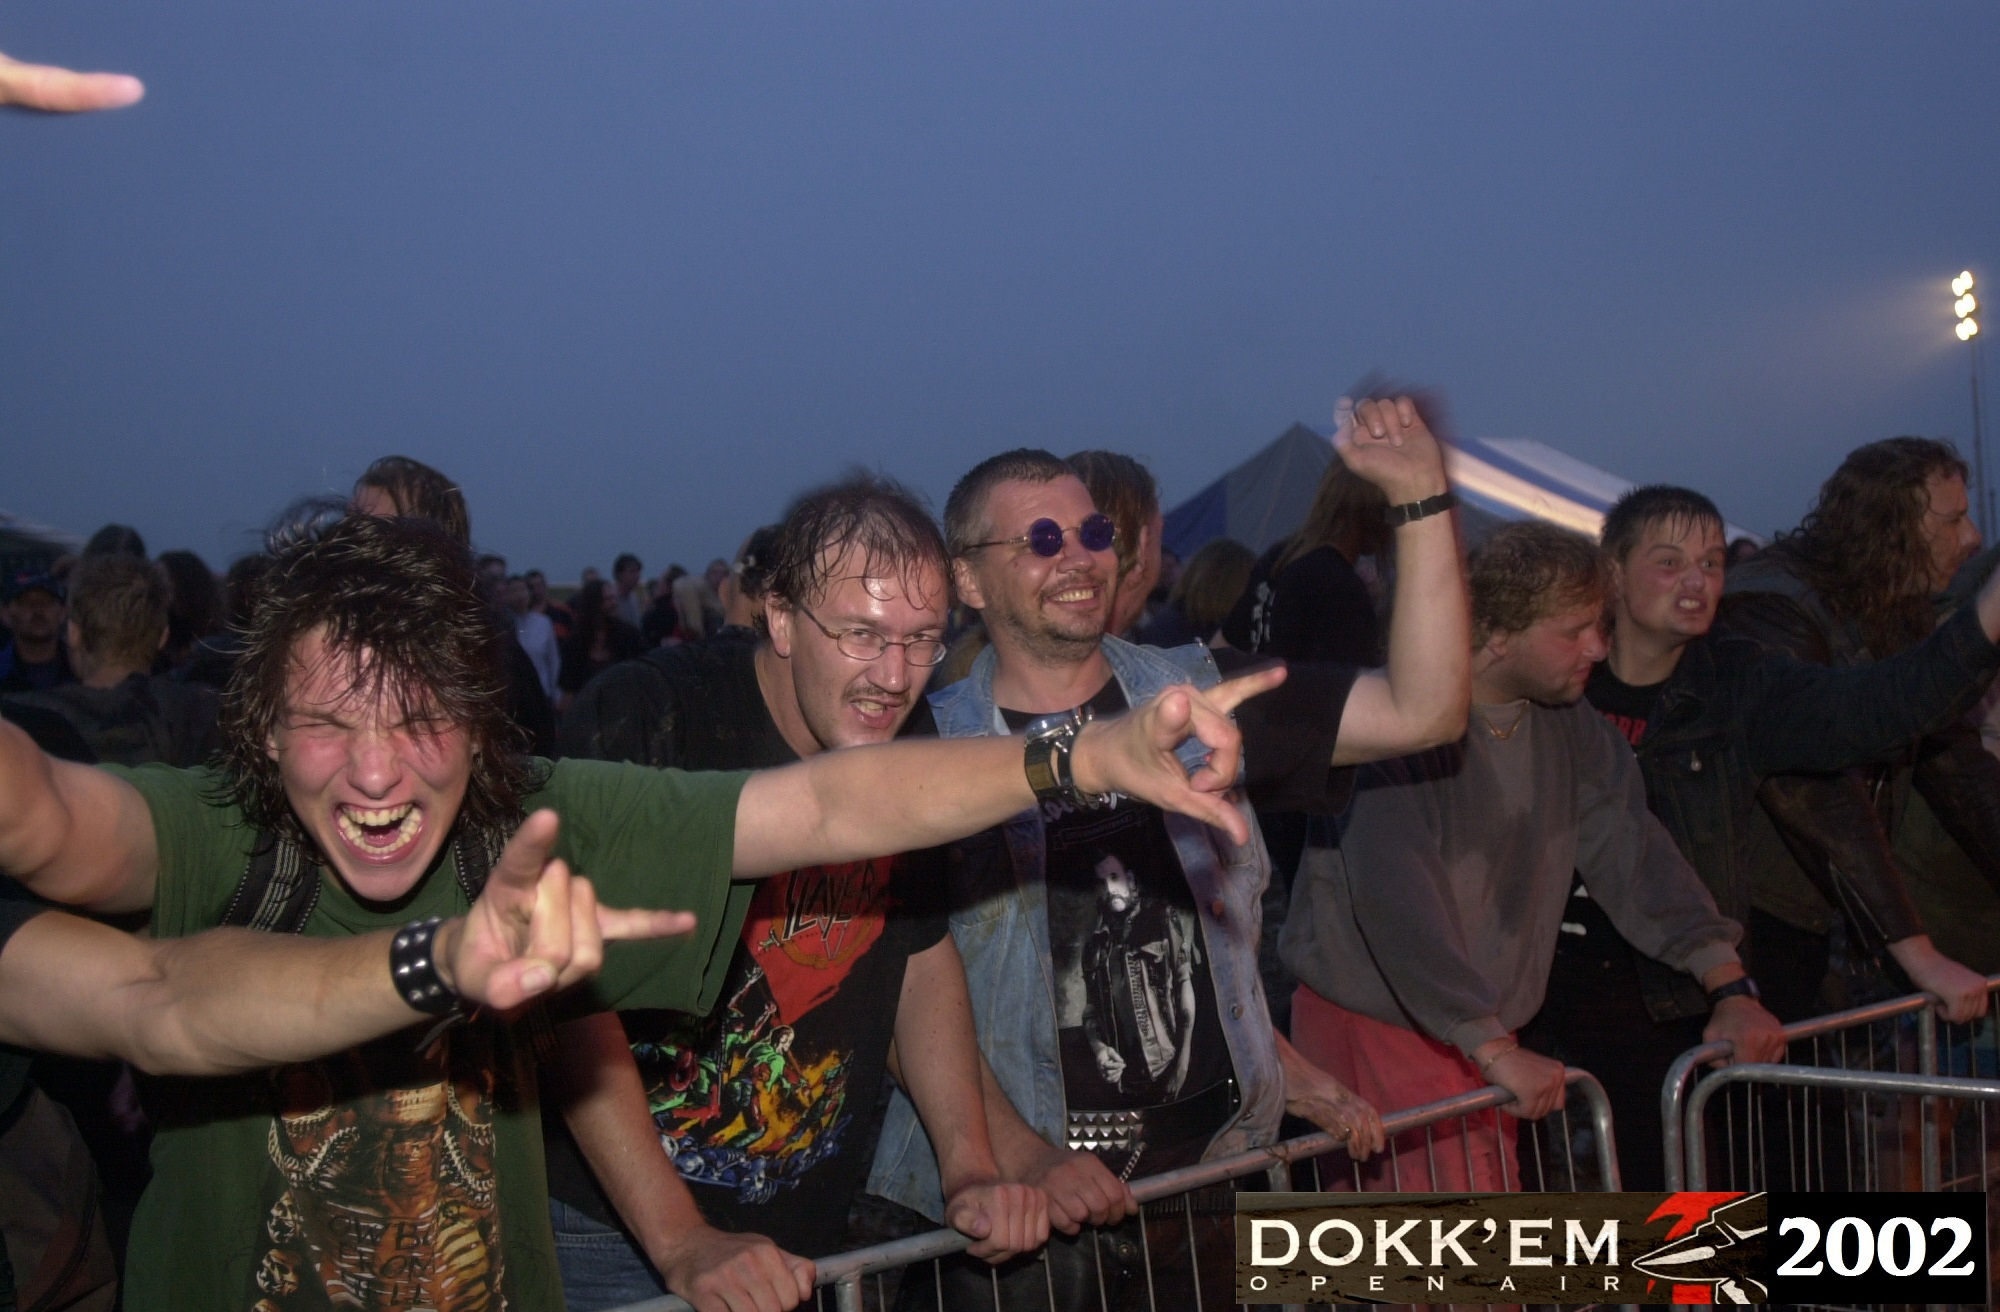 Klik op de foto voor de Gallery - Dokk'em Open Air 2002 - foto Alex Bouma